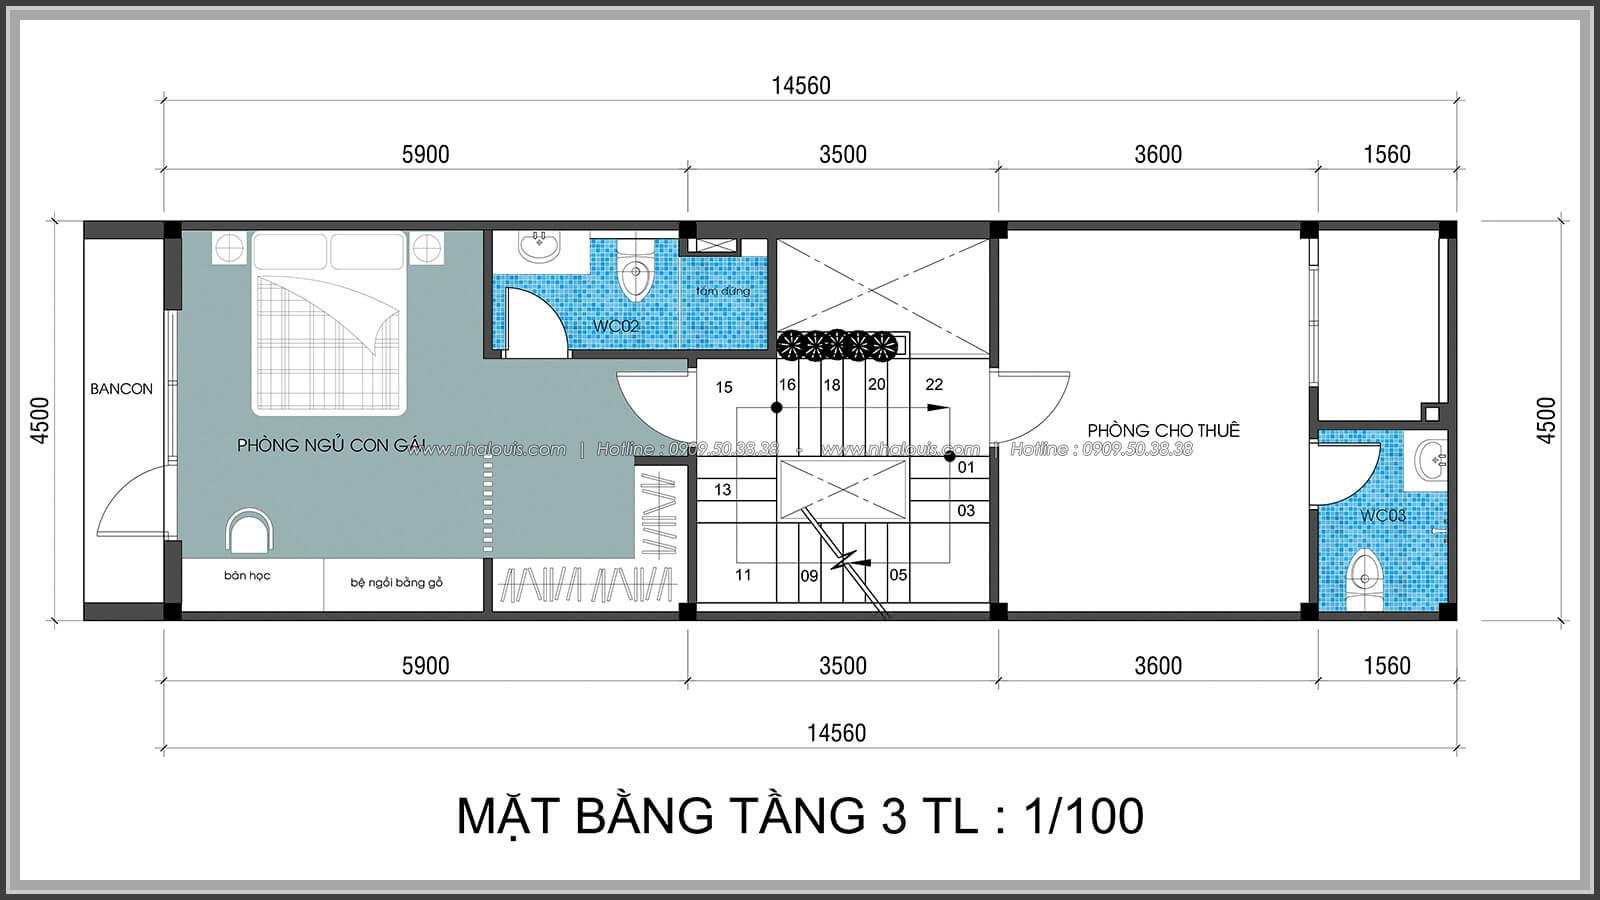 Mặt bằng tầng 3 Thiết kế nhà lệch tầng đẹp 4.5x14.5m hiện đại tại quận Tân Bình - 25